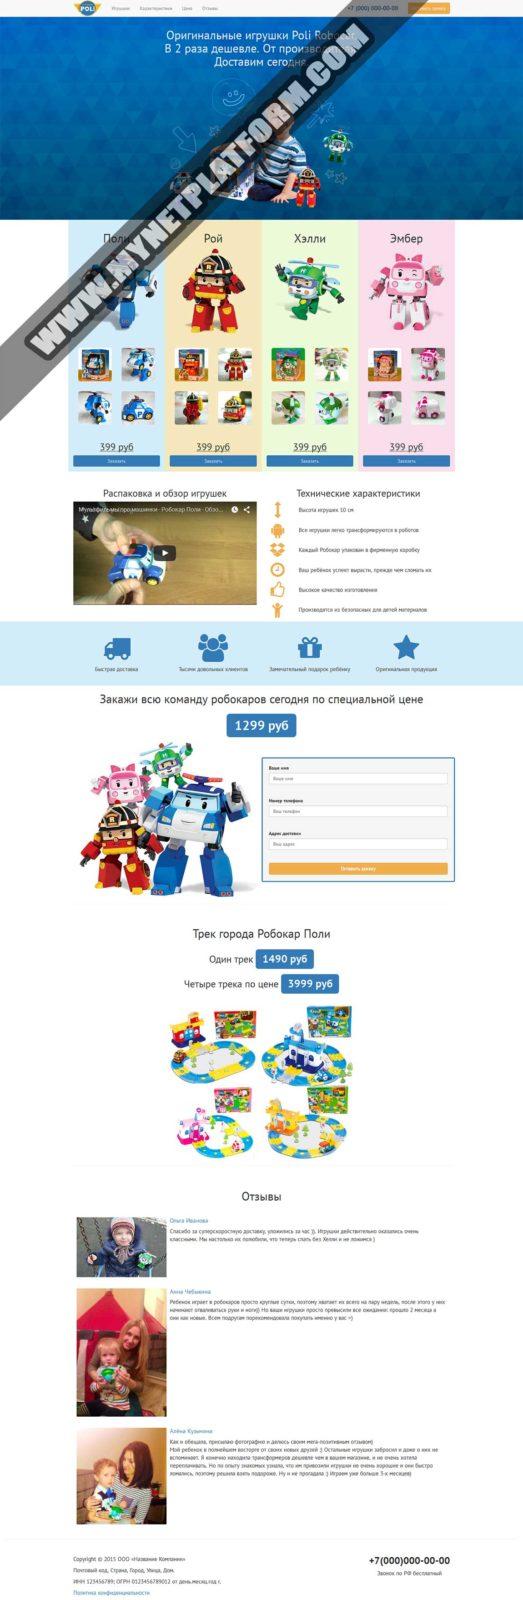 Скриншот лендинга Игрушки-трансформеры Поли Робокар (Poli Robocar) 001